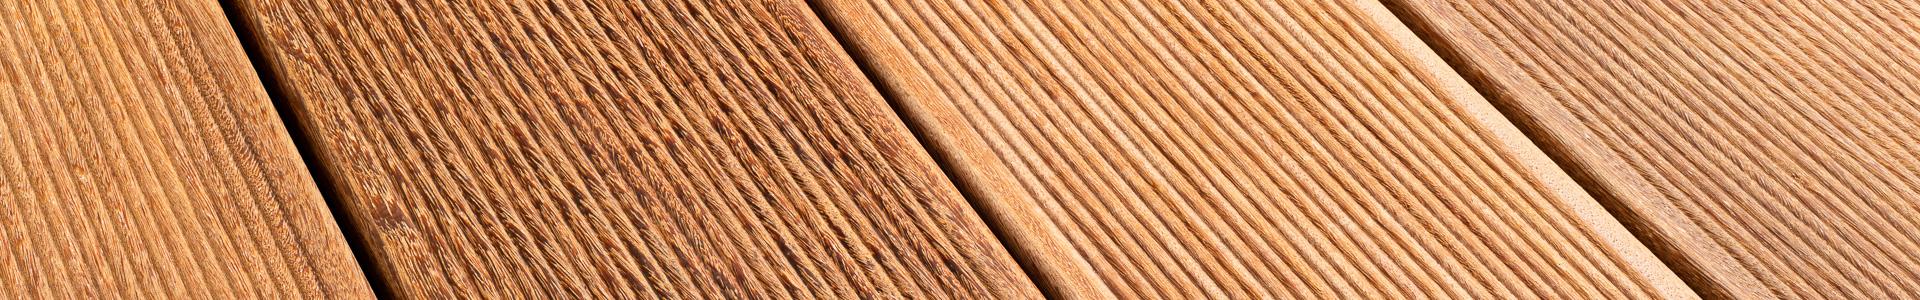 Terassilaudoille tarkoitettu Növlek®-kiristystyökalu nopeuttaa asentamista sekä auttaa saamaan näyttävämmän ja viimeistellymmän terassin lattian.